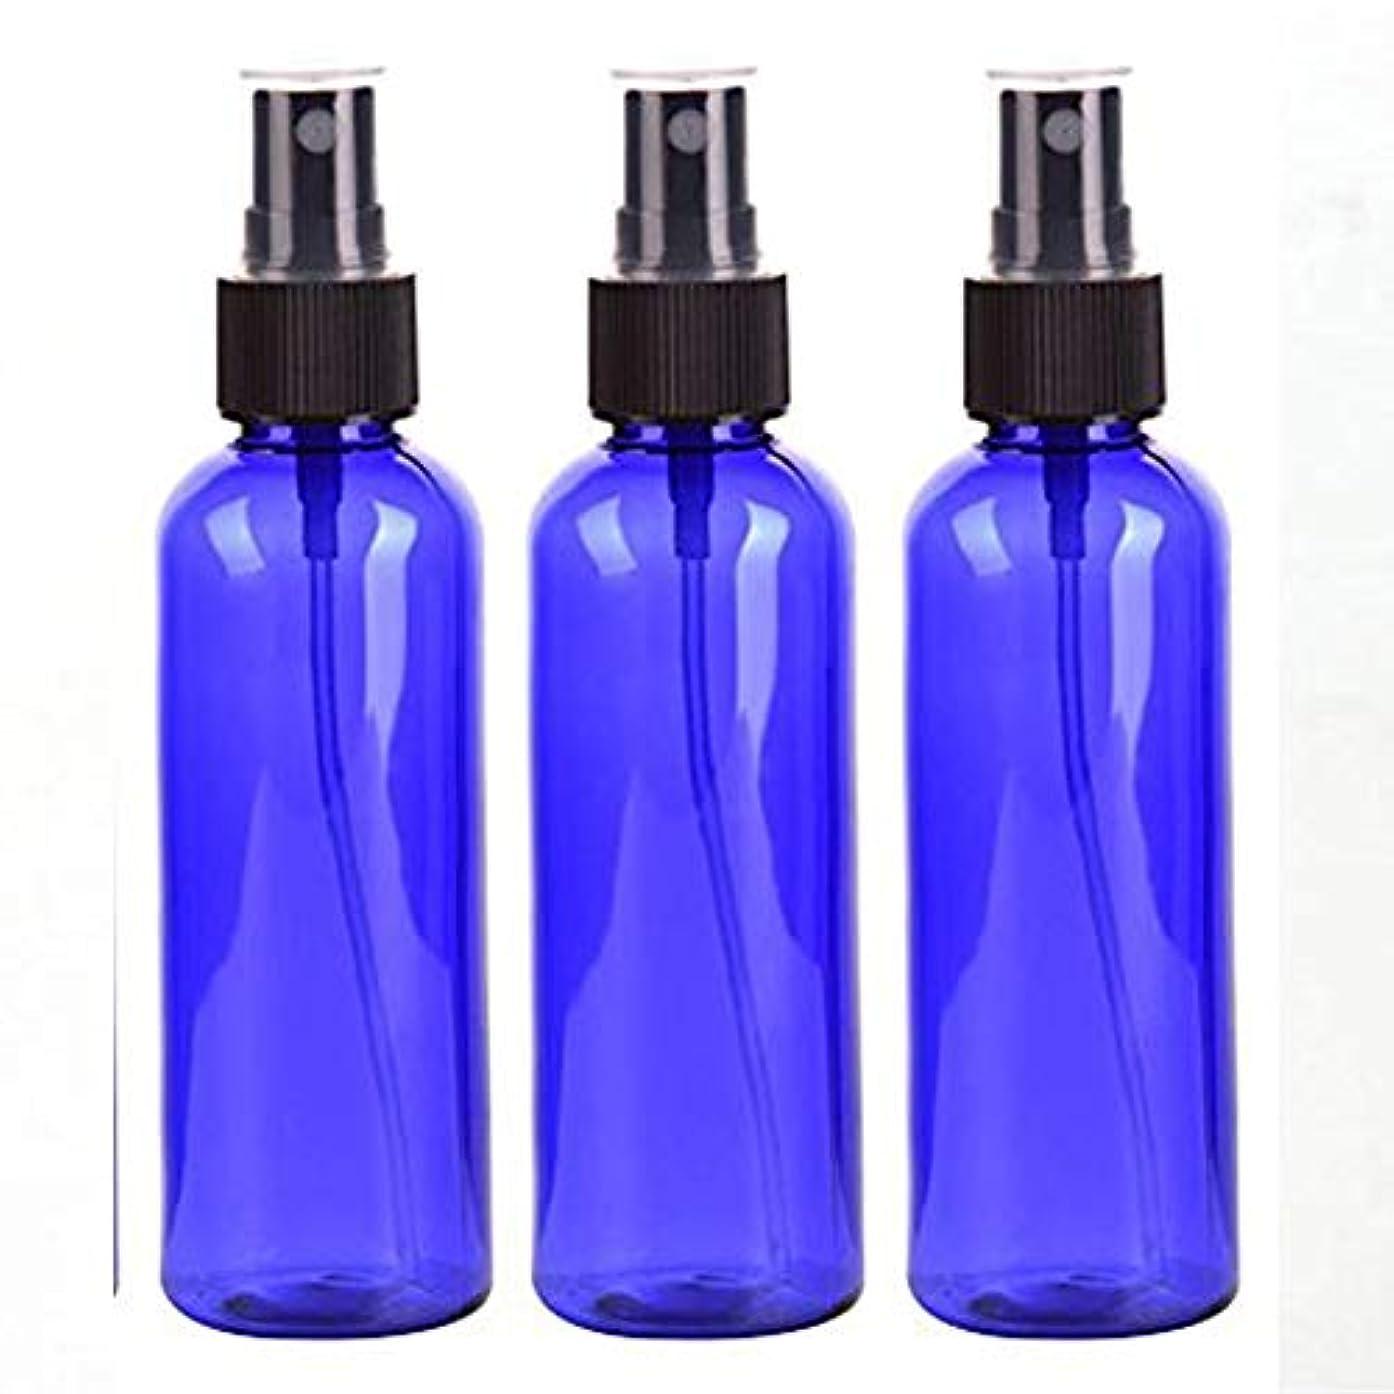 不透明な医薬品項目スプレーボトル 50mL ブルー黒ヘッド プラスチック空容器 3本セット